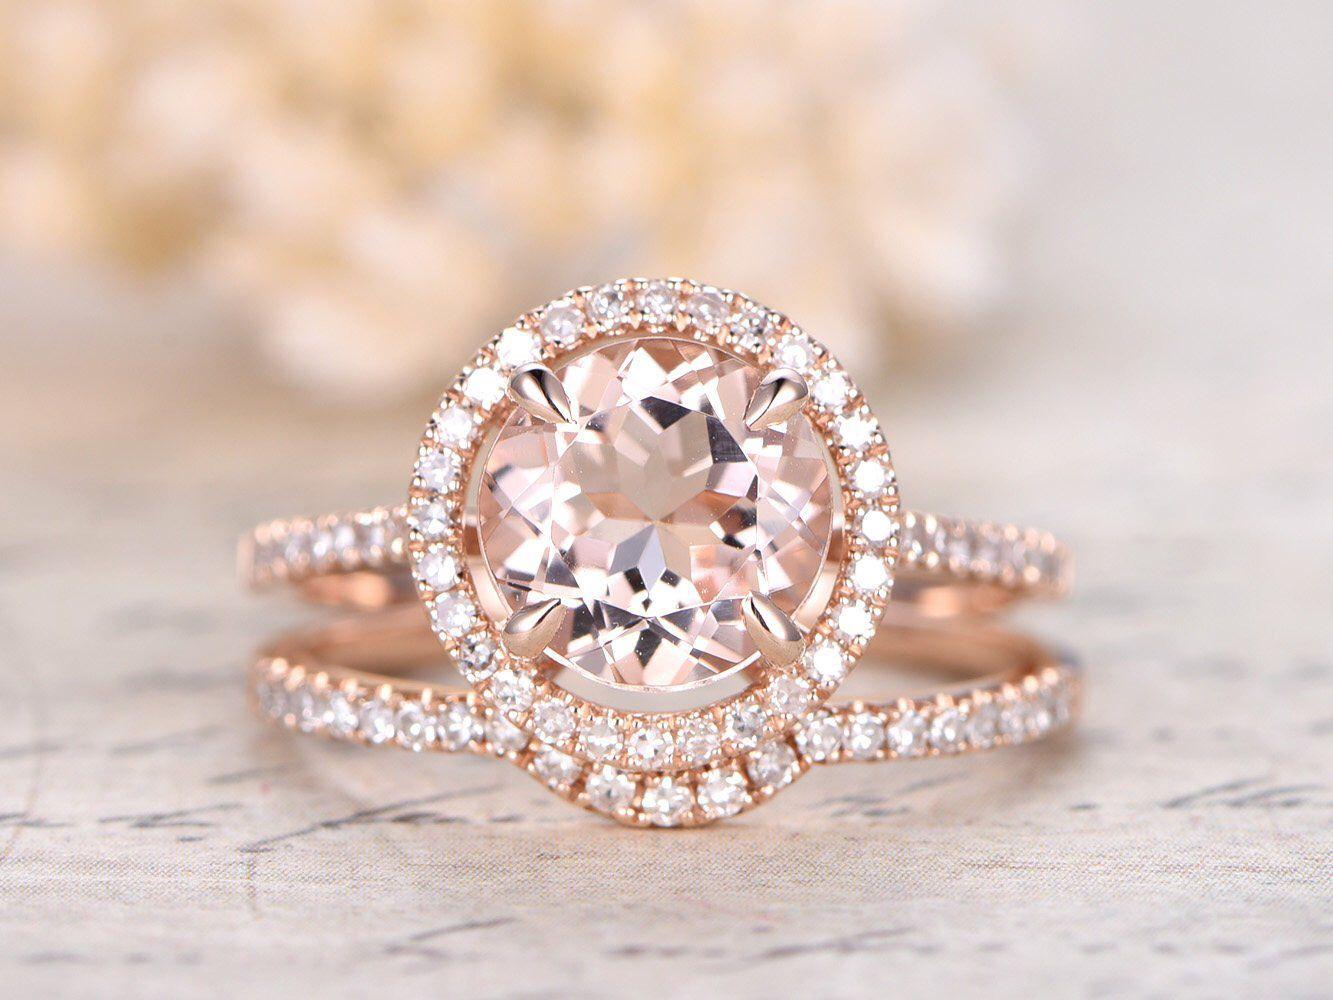 8mm Engagement Ring Rose Gold 2pcs Rings Set